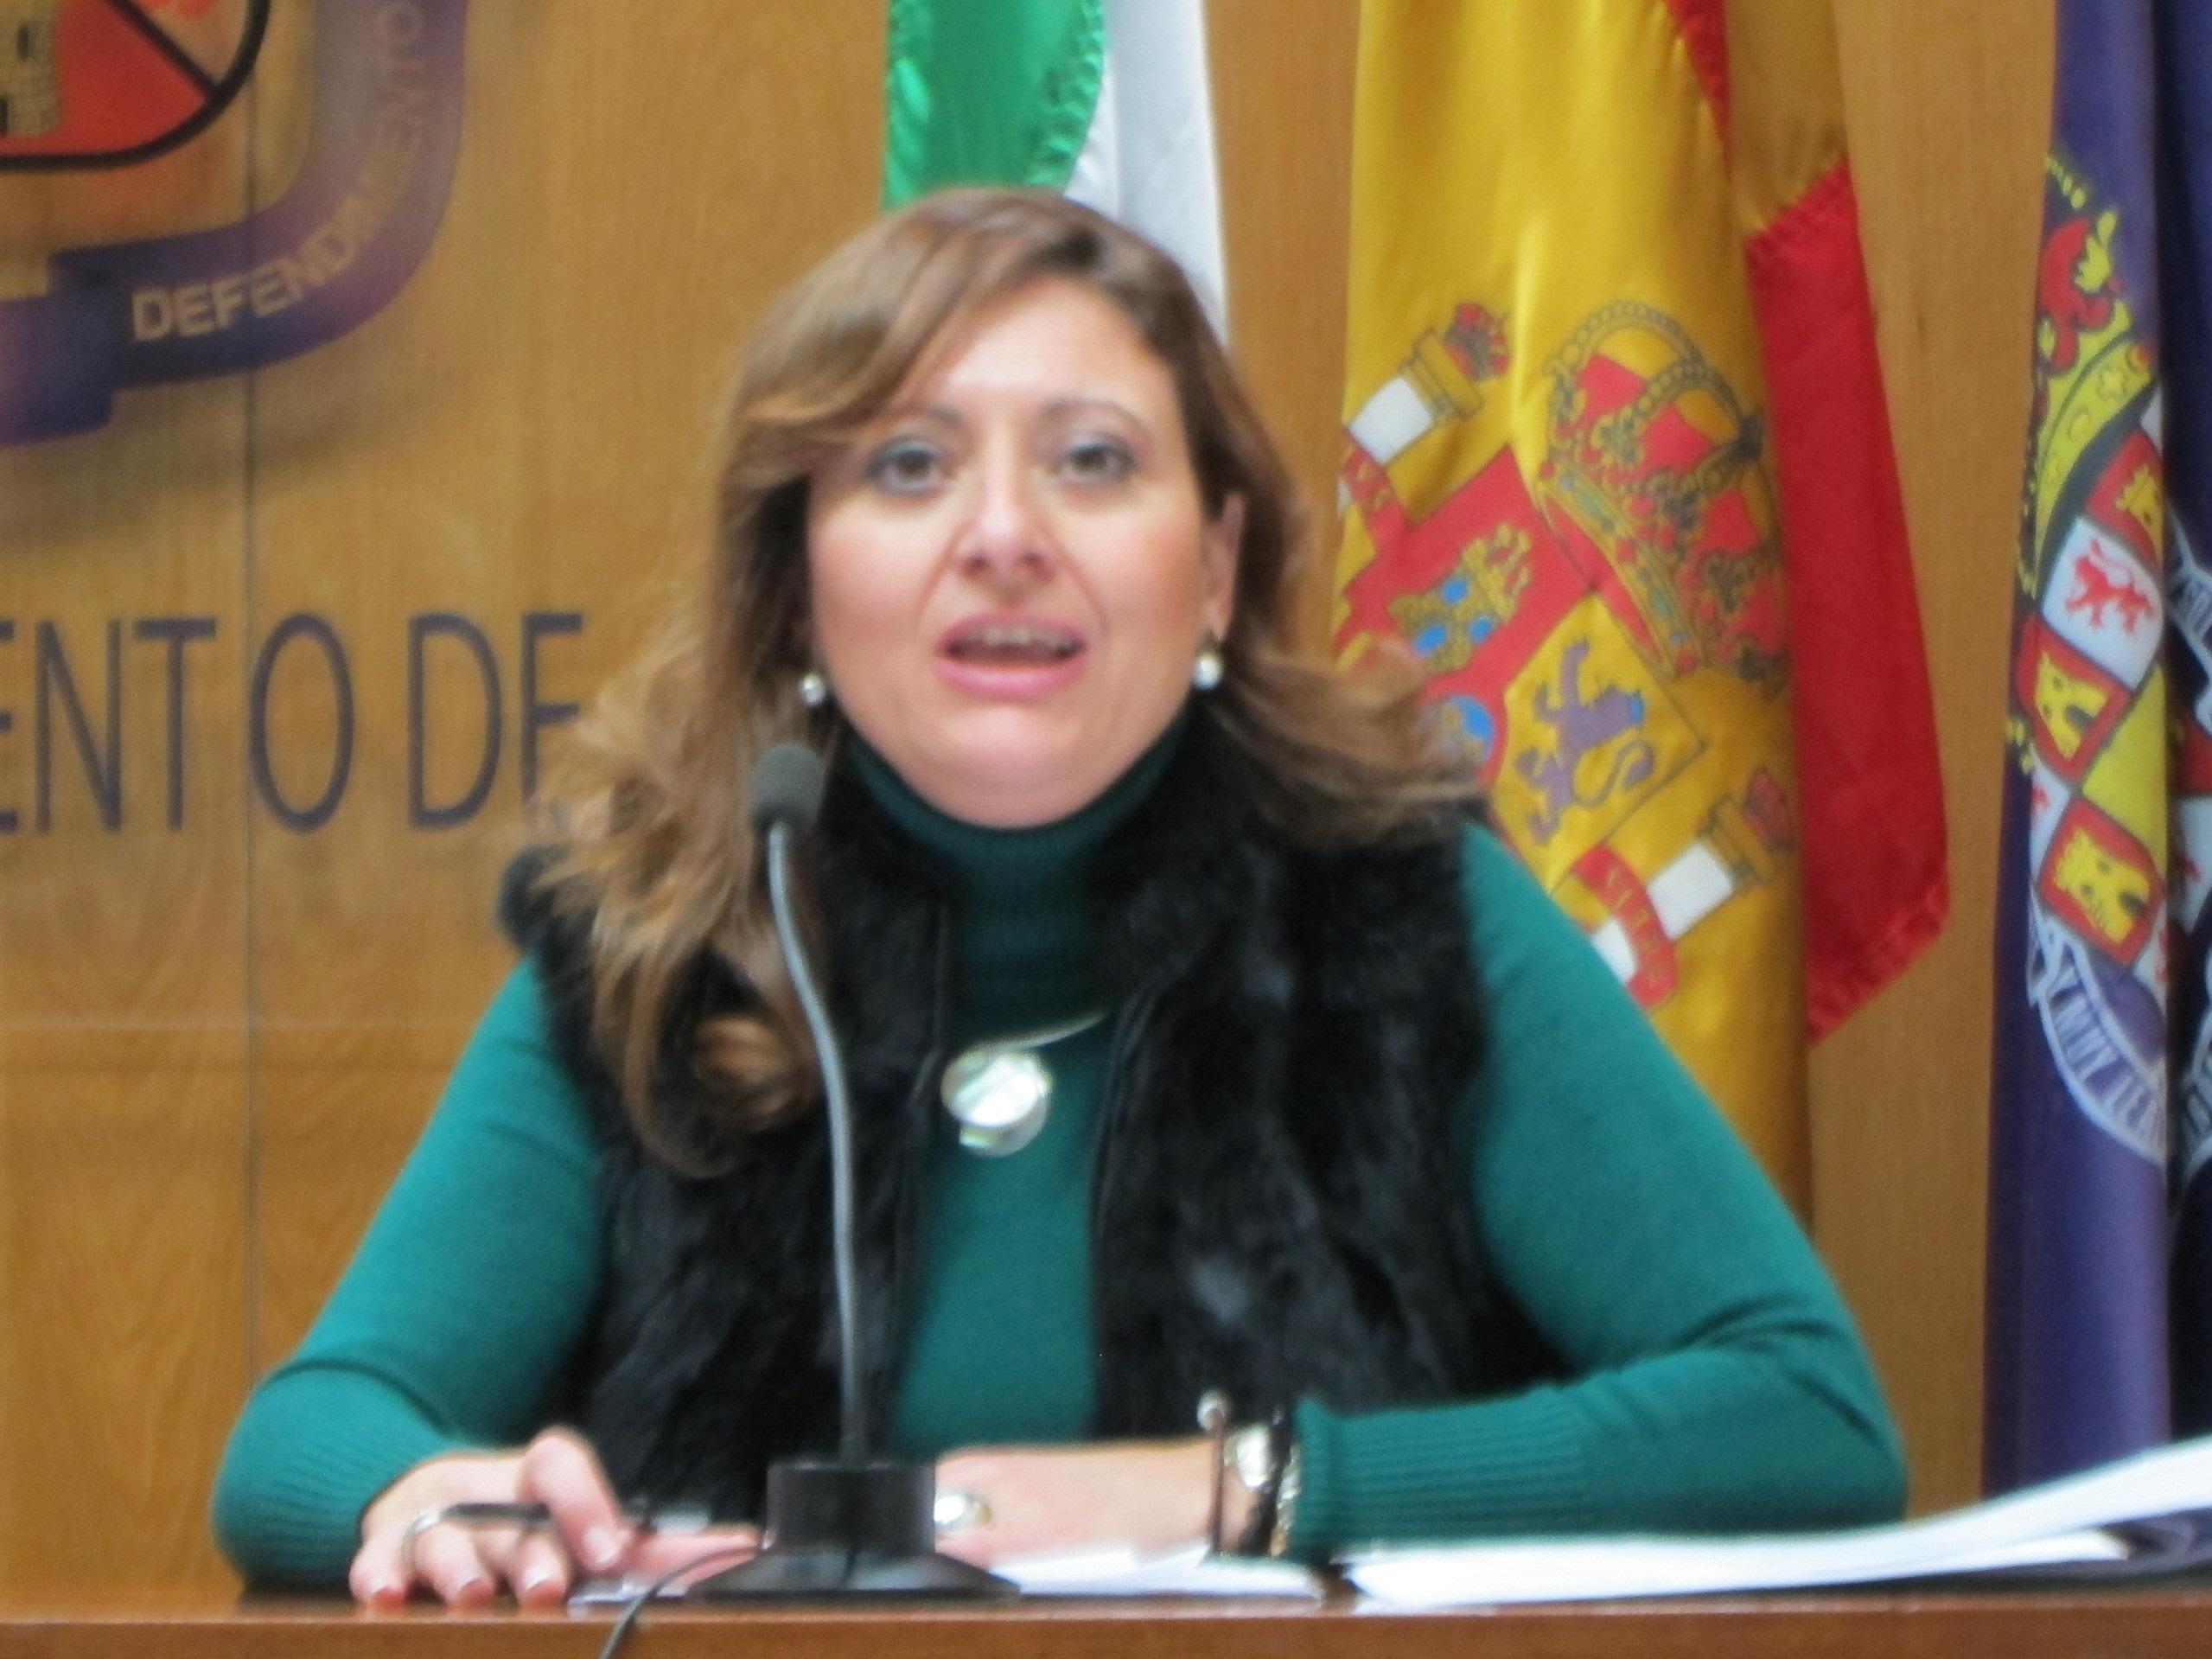 El Ayuntamiento «seguirá negociando» con Ceian por las guarderías, con las que «ha cumplido su compromiso» de pago